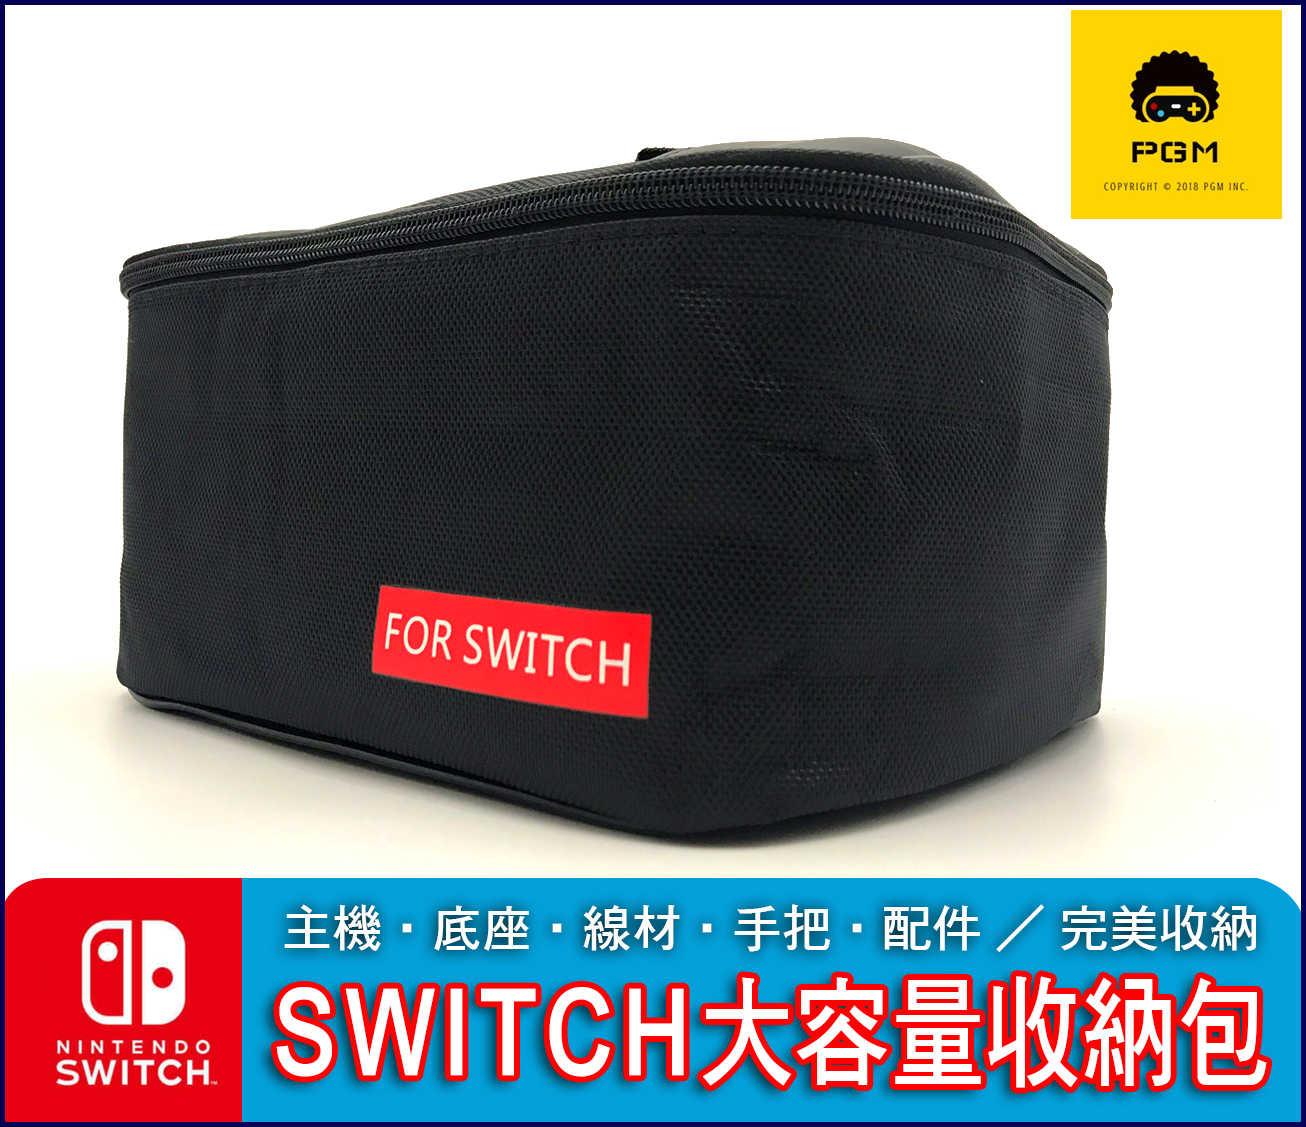 [熱銷必備收納包] PGM Nintendo Switch NS 大容量 保護包 主機 外出 任天堂